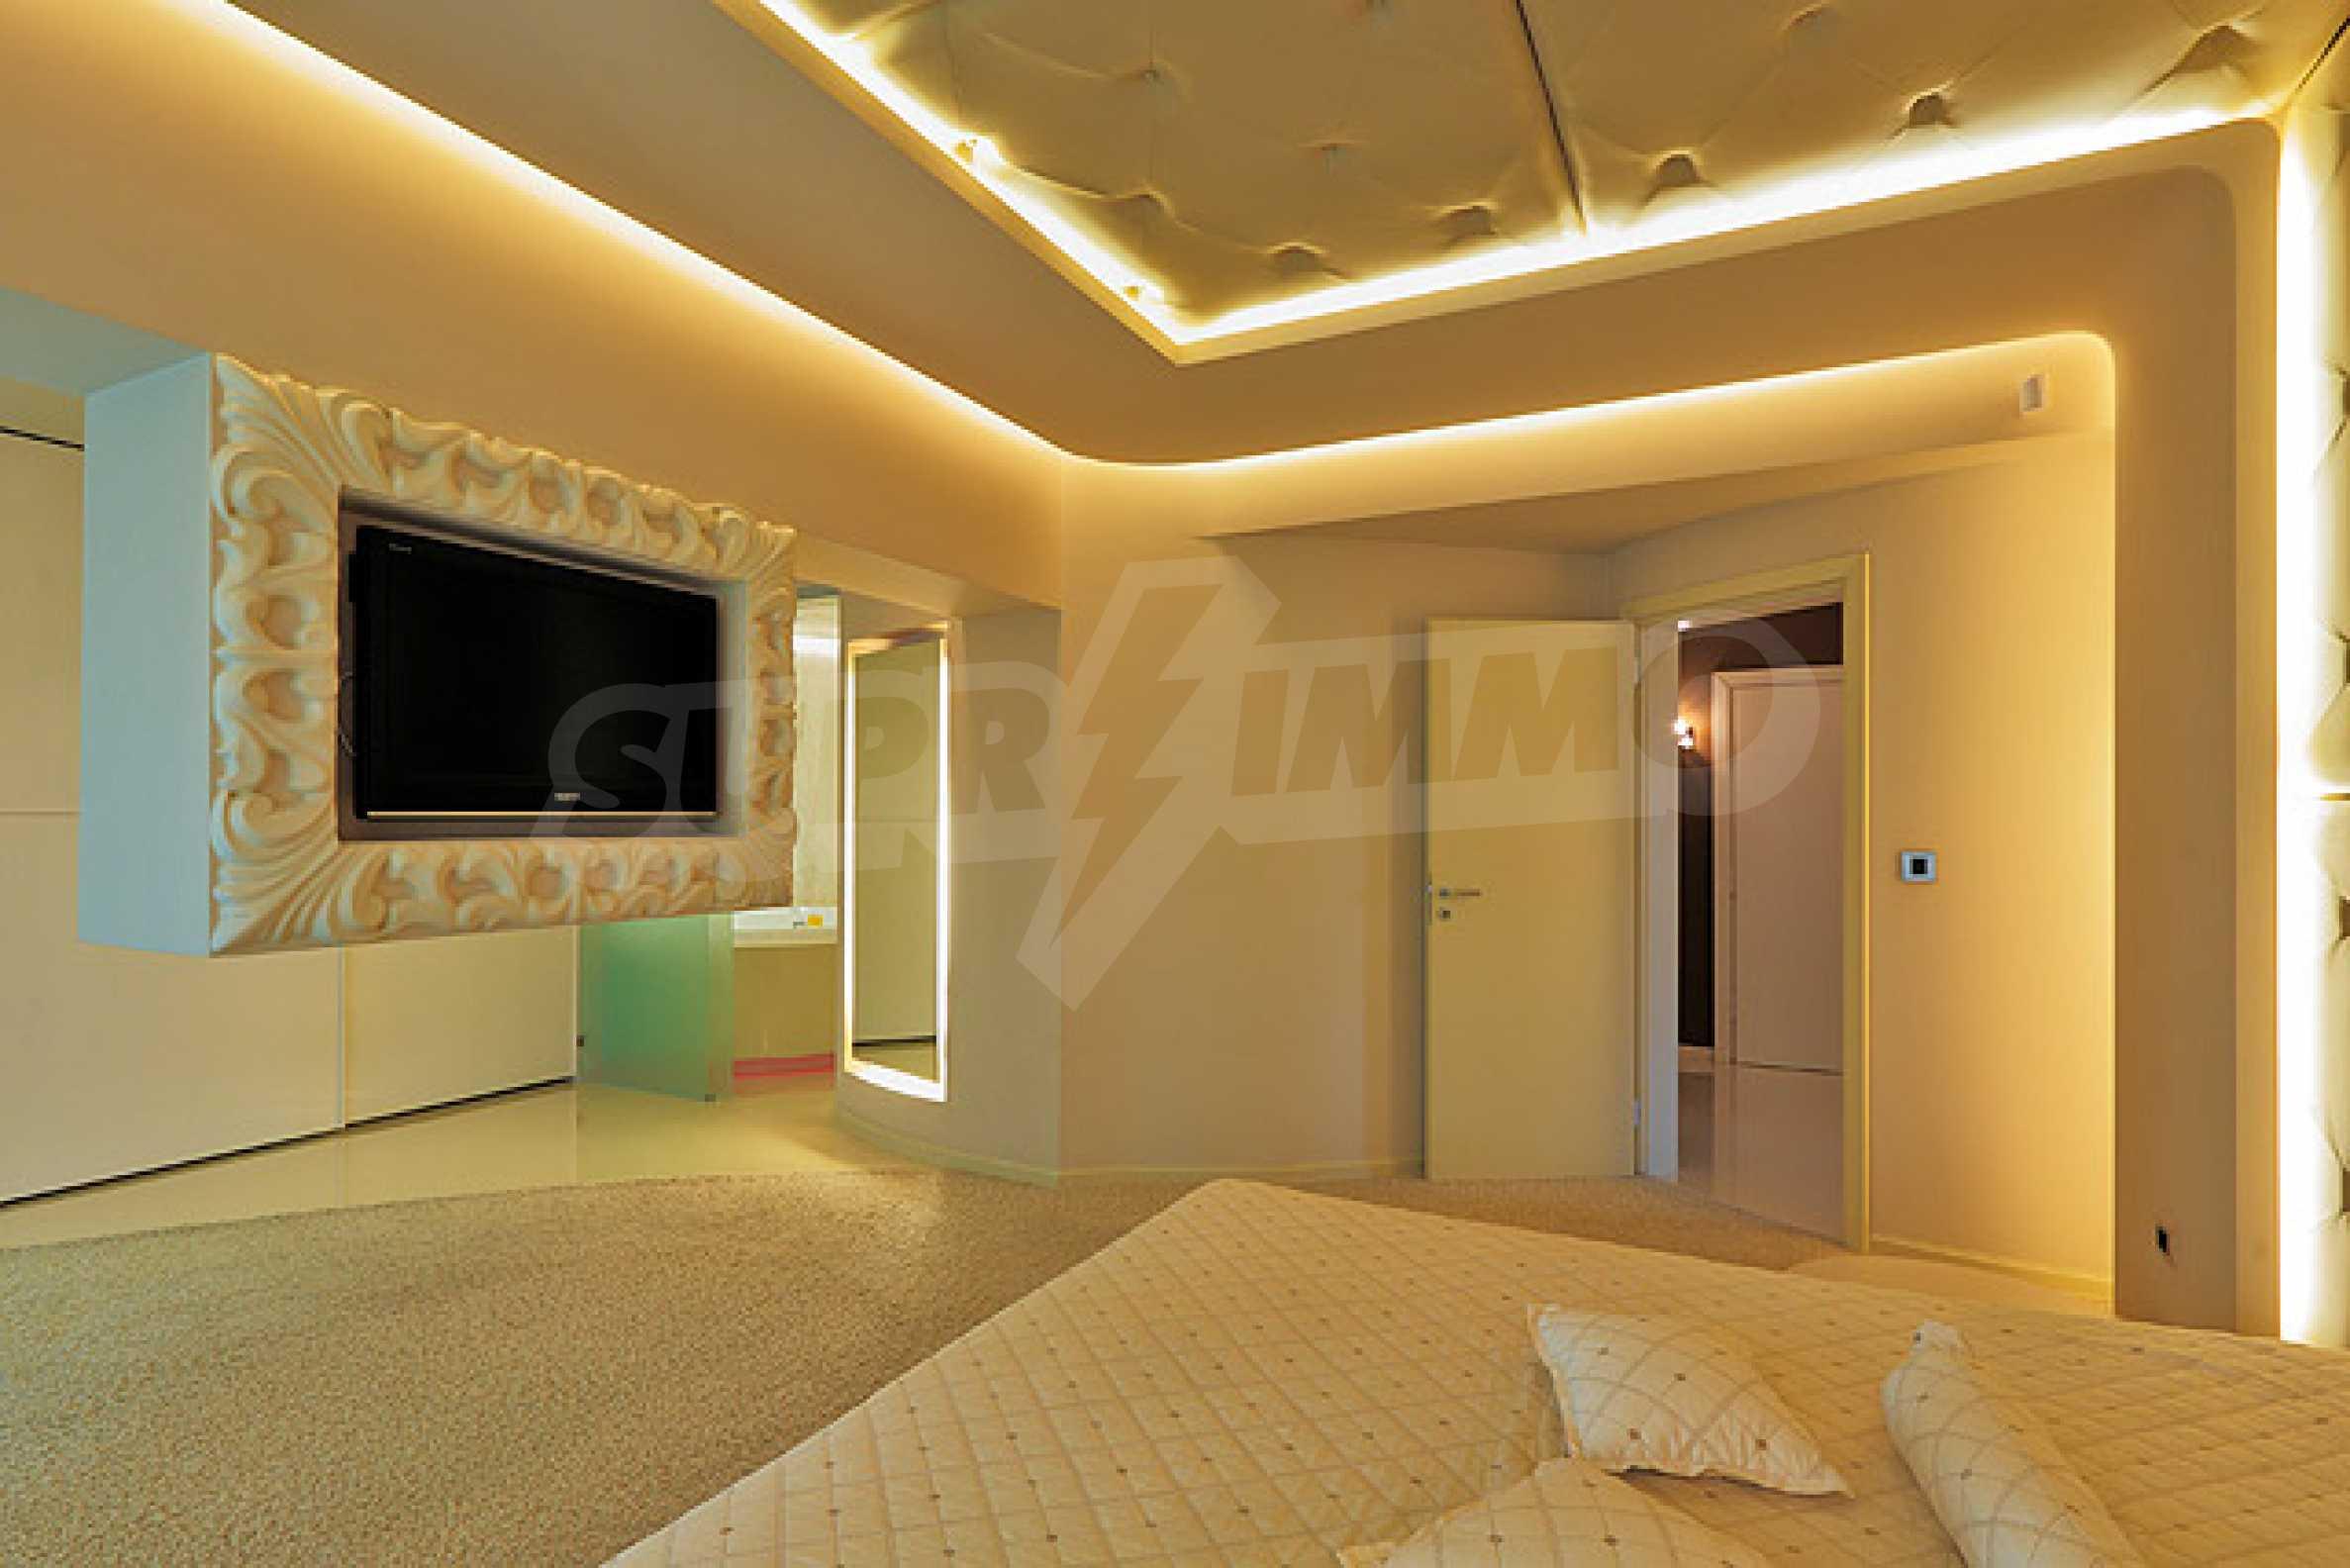 Луксозно обзаведен двустаен апартамент 16